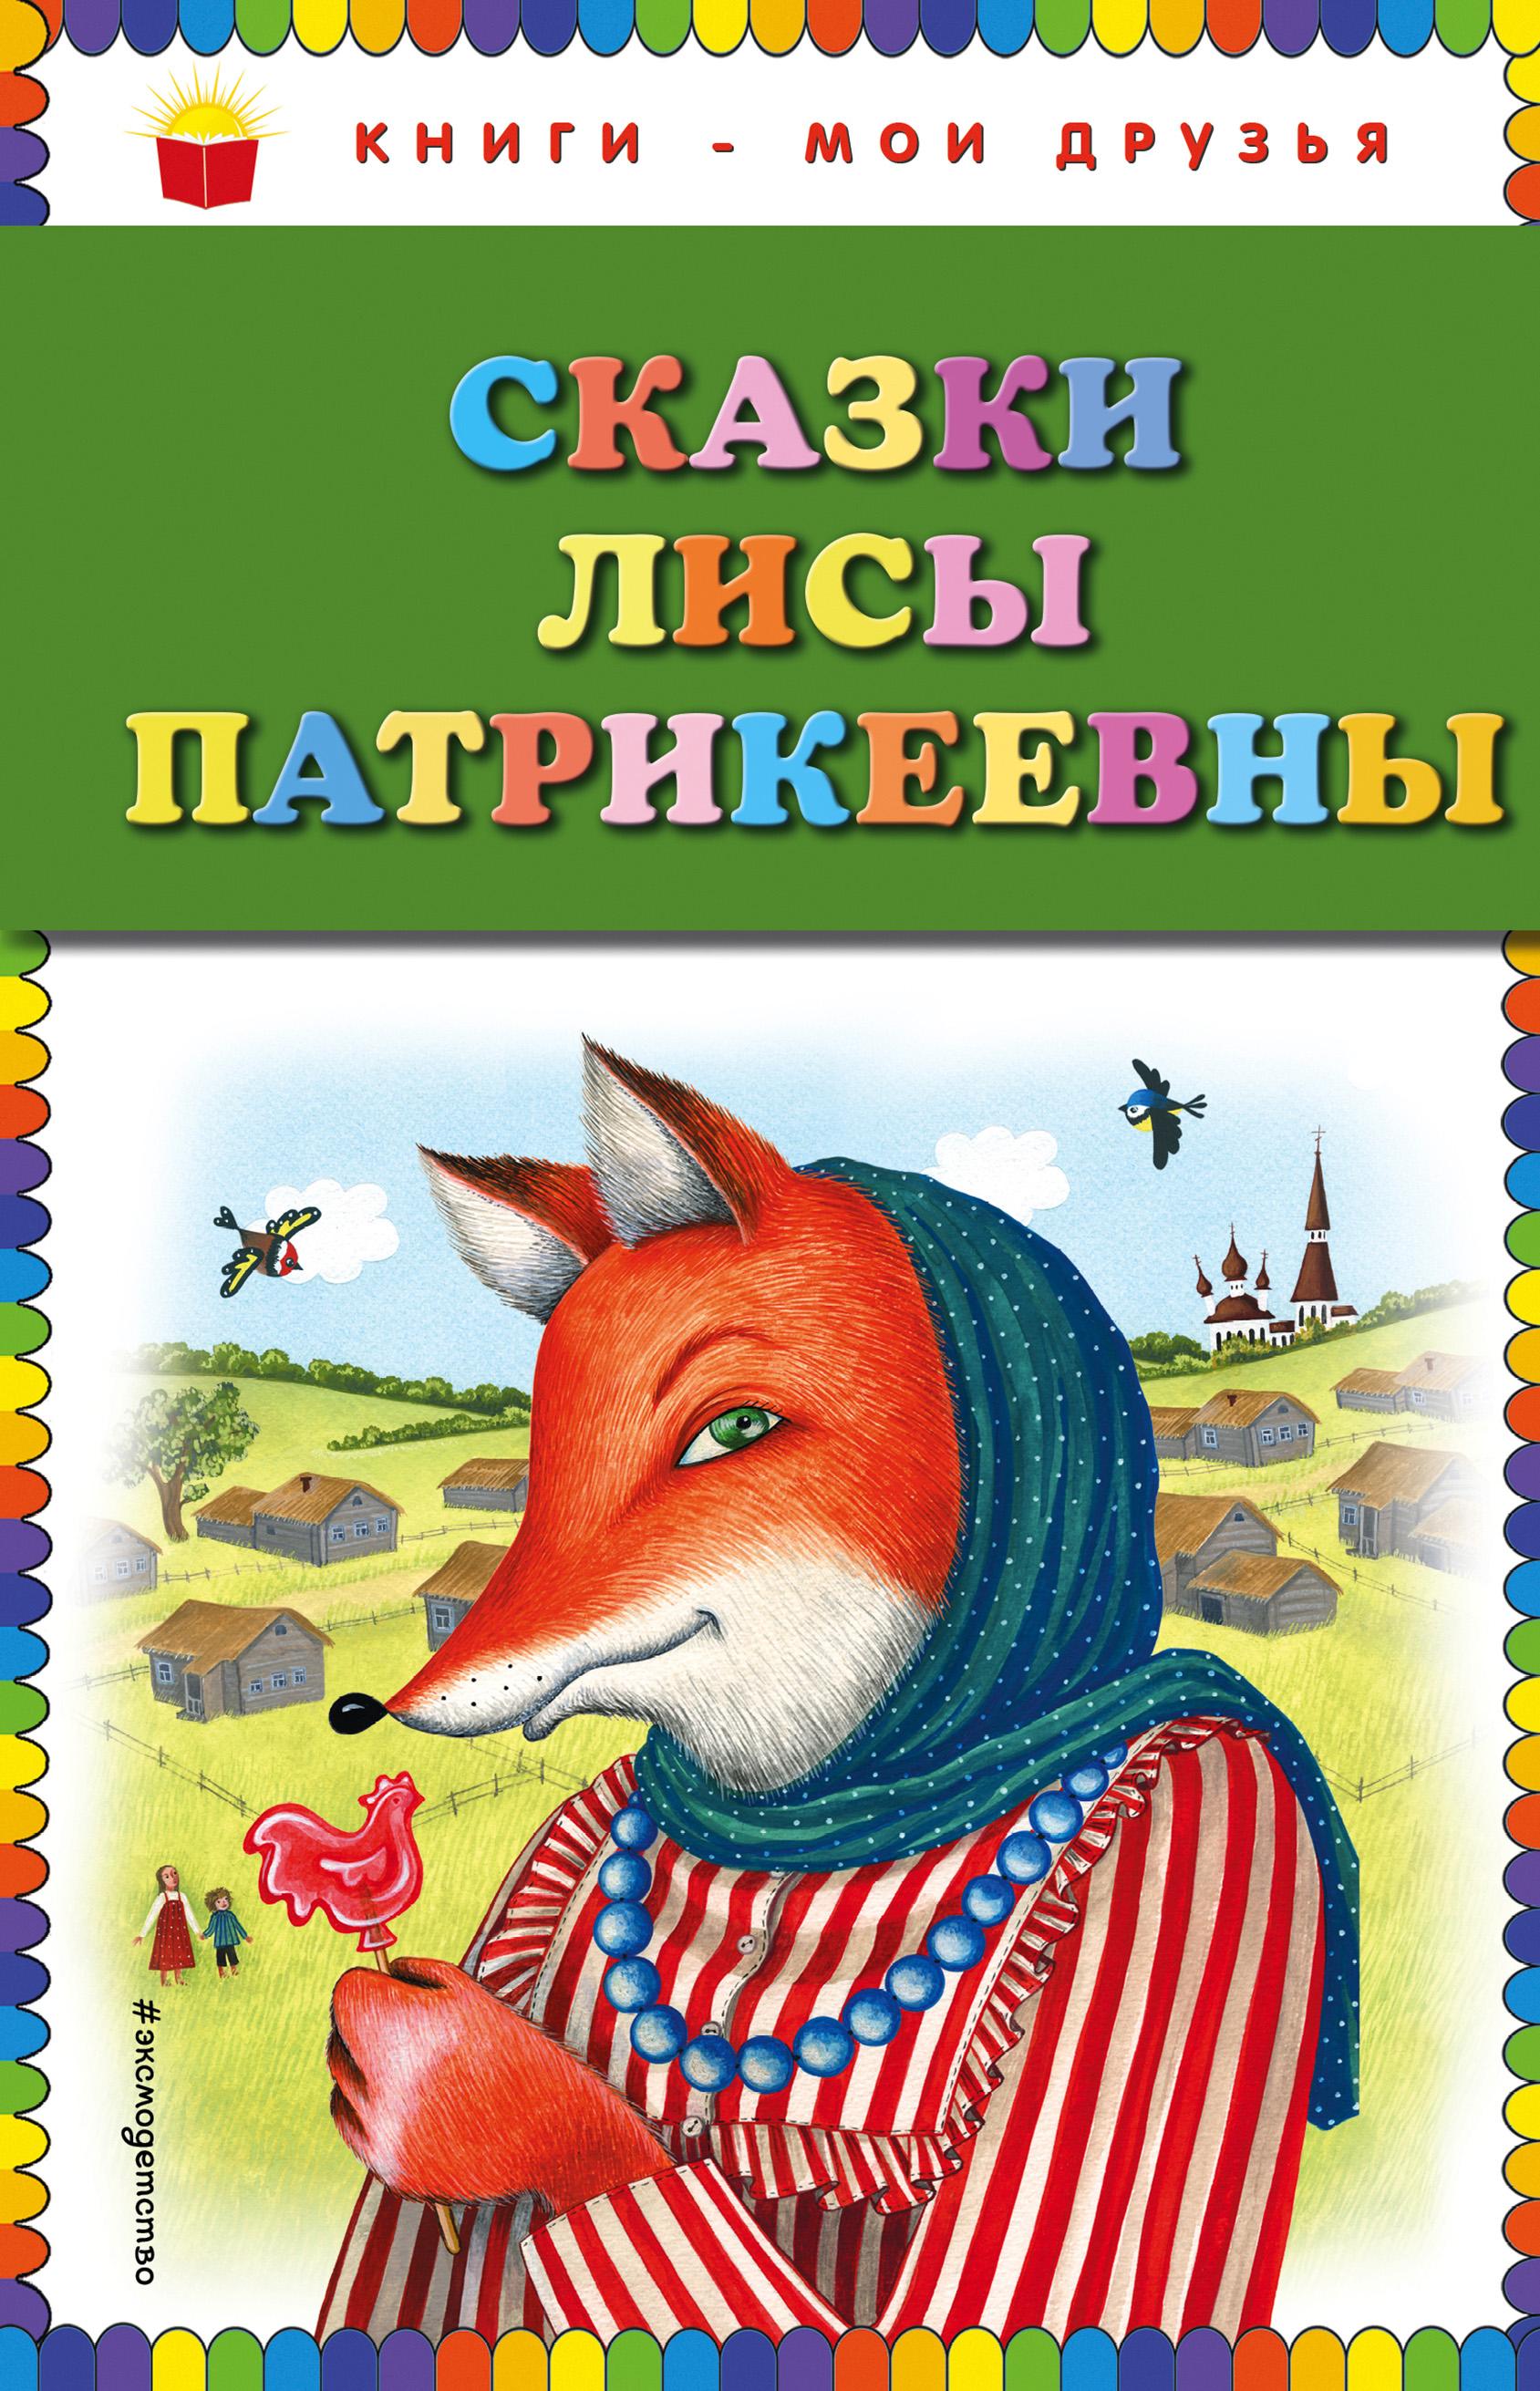 Народное творчество Сказки Лисы Патрикеевны суркова л психология для самых маленьких дунины сказки